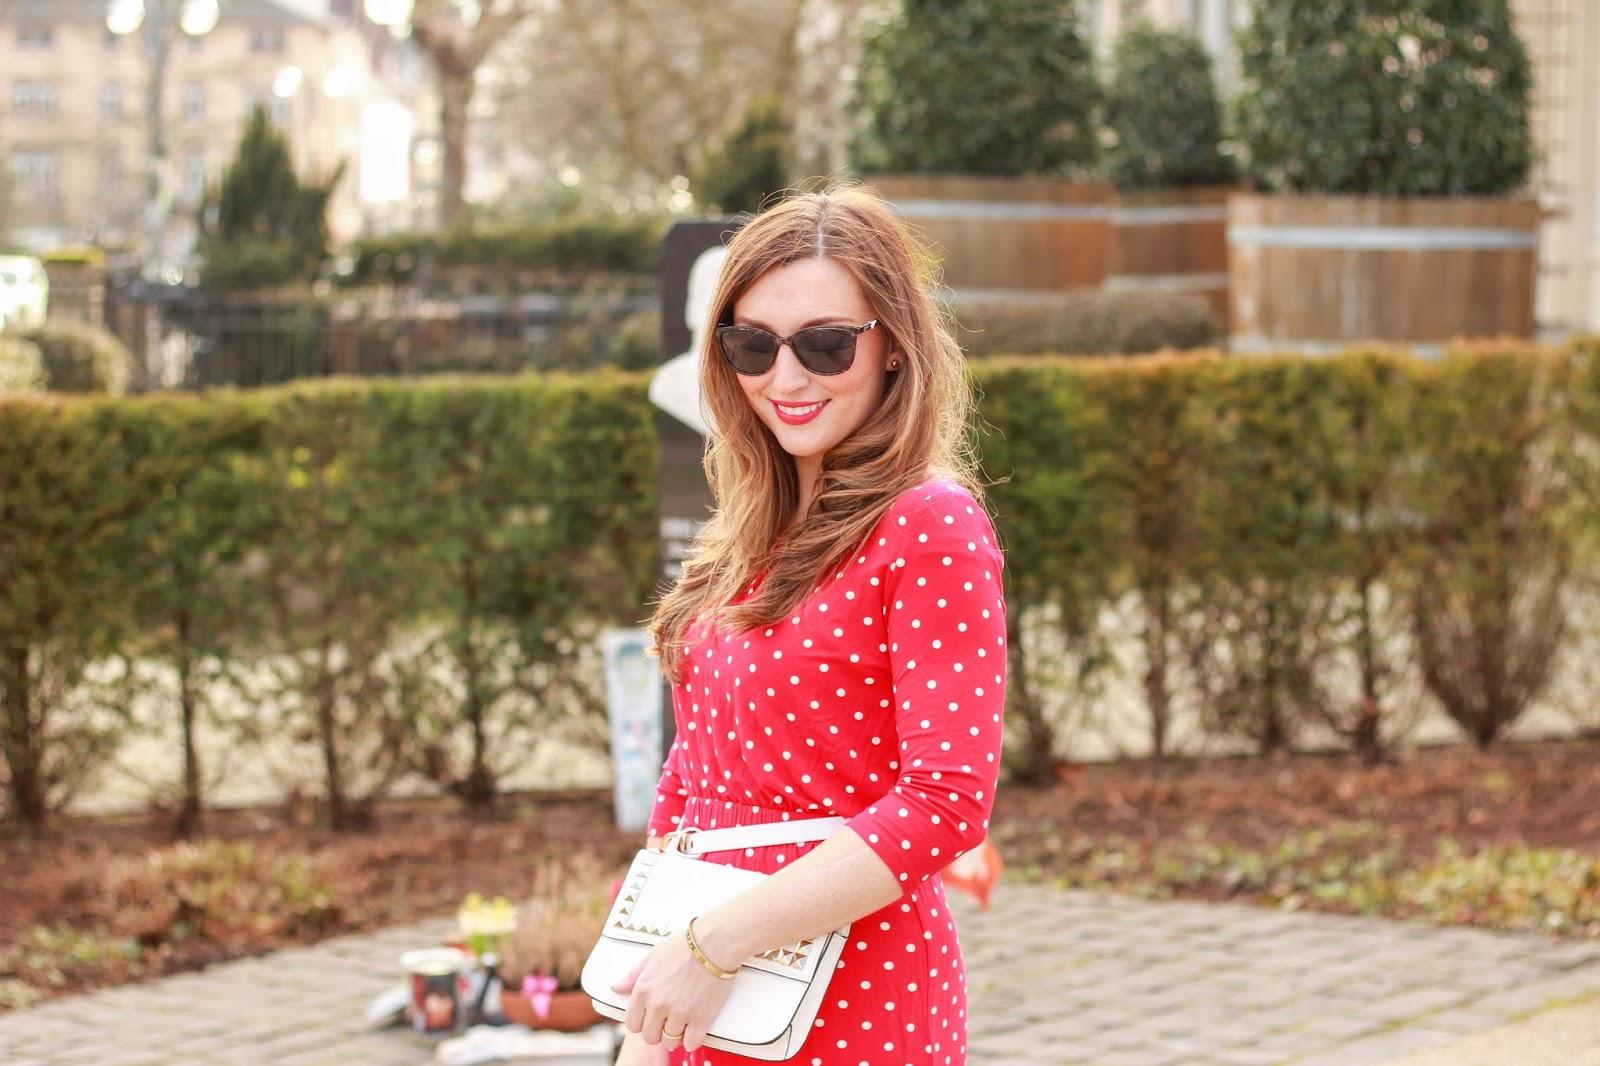 Fashionstylebyjohanna - Rotes Pünktchenkleid von Conleys - Conleys Outfit . Streetstylle - Lifestyleblogger- Fashionblogger aus Deutschland